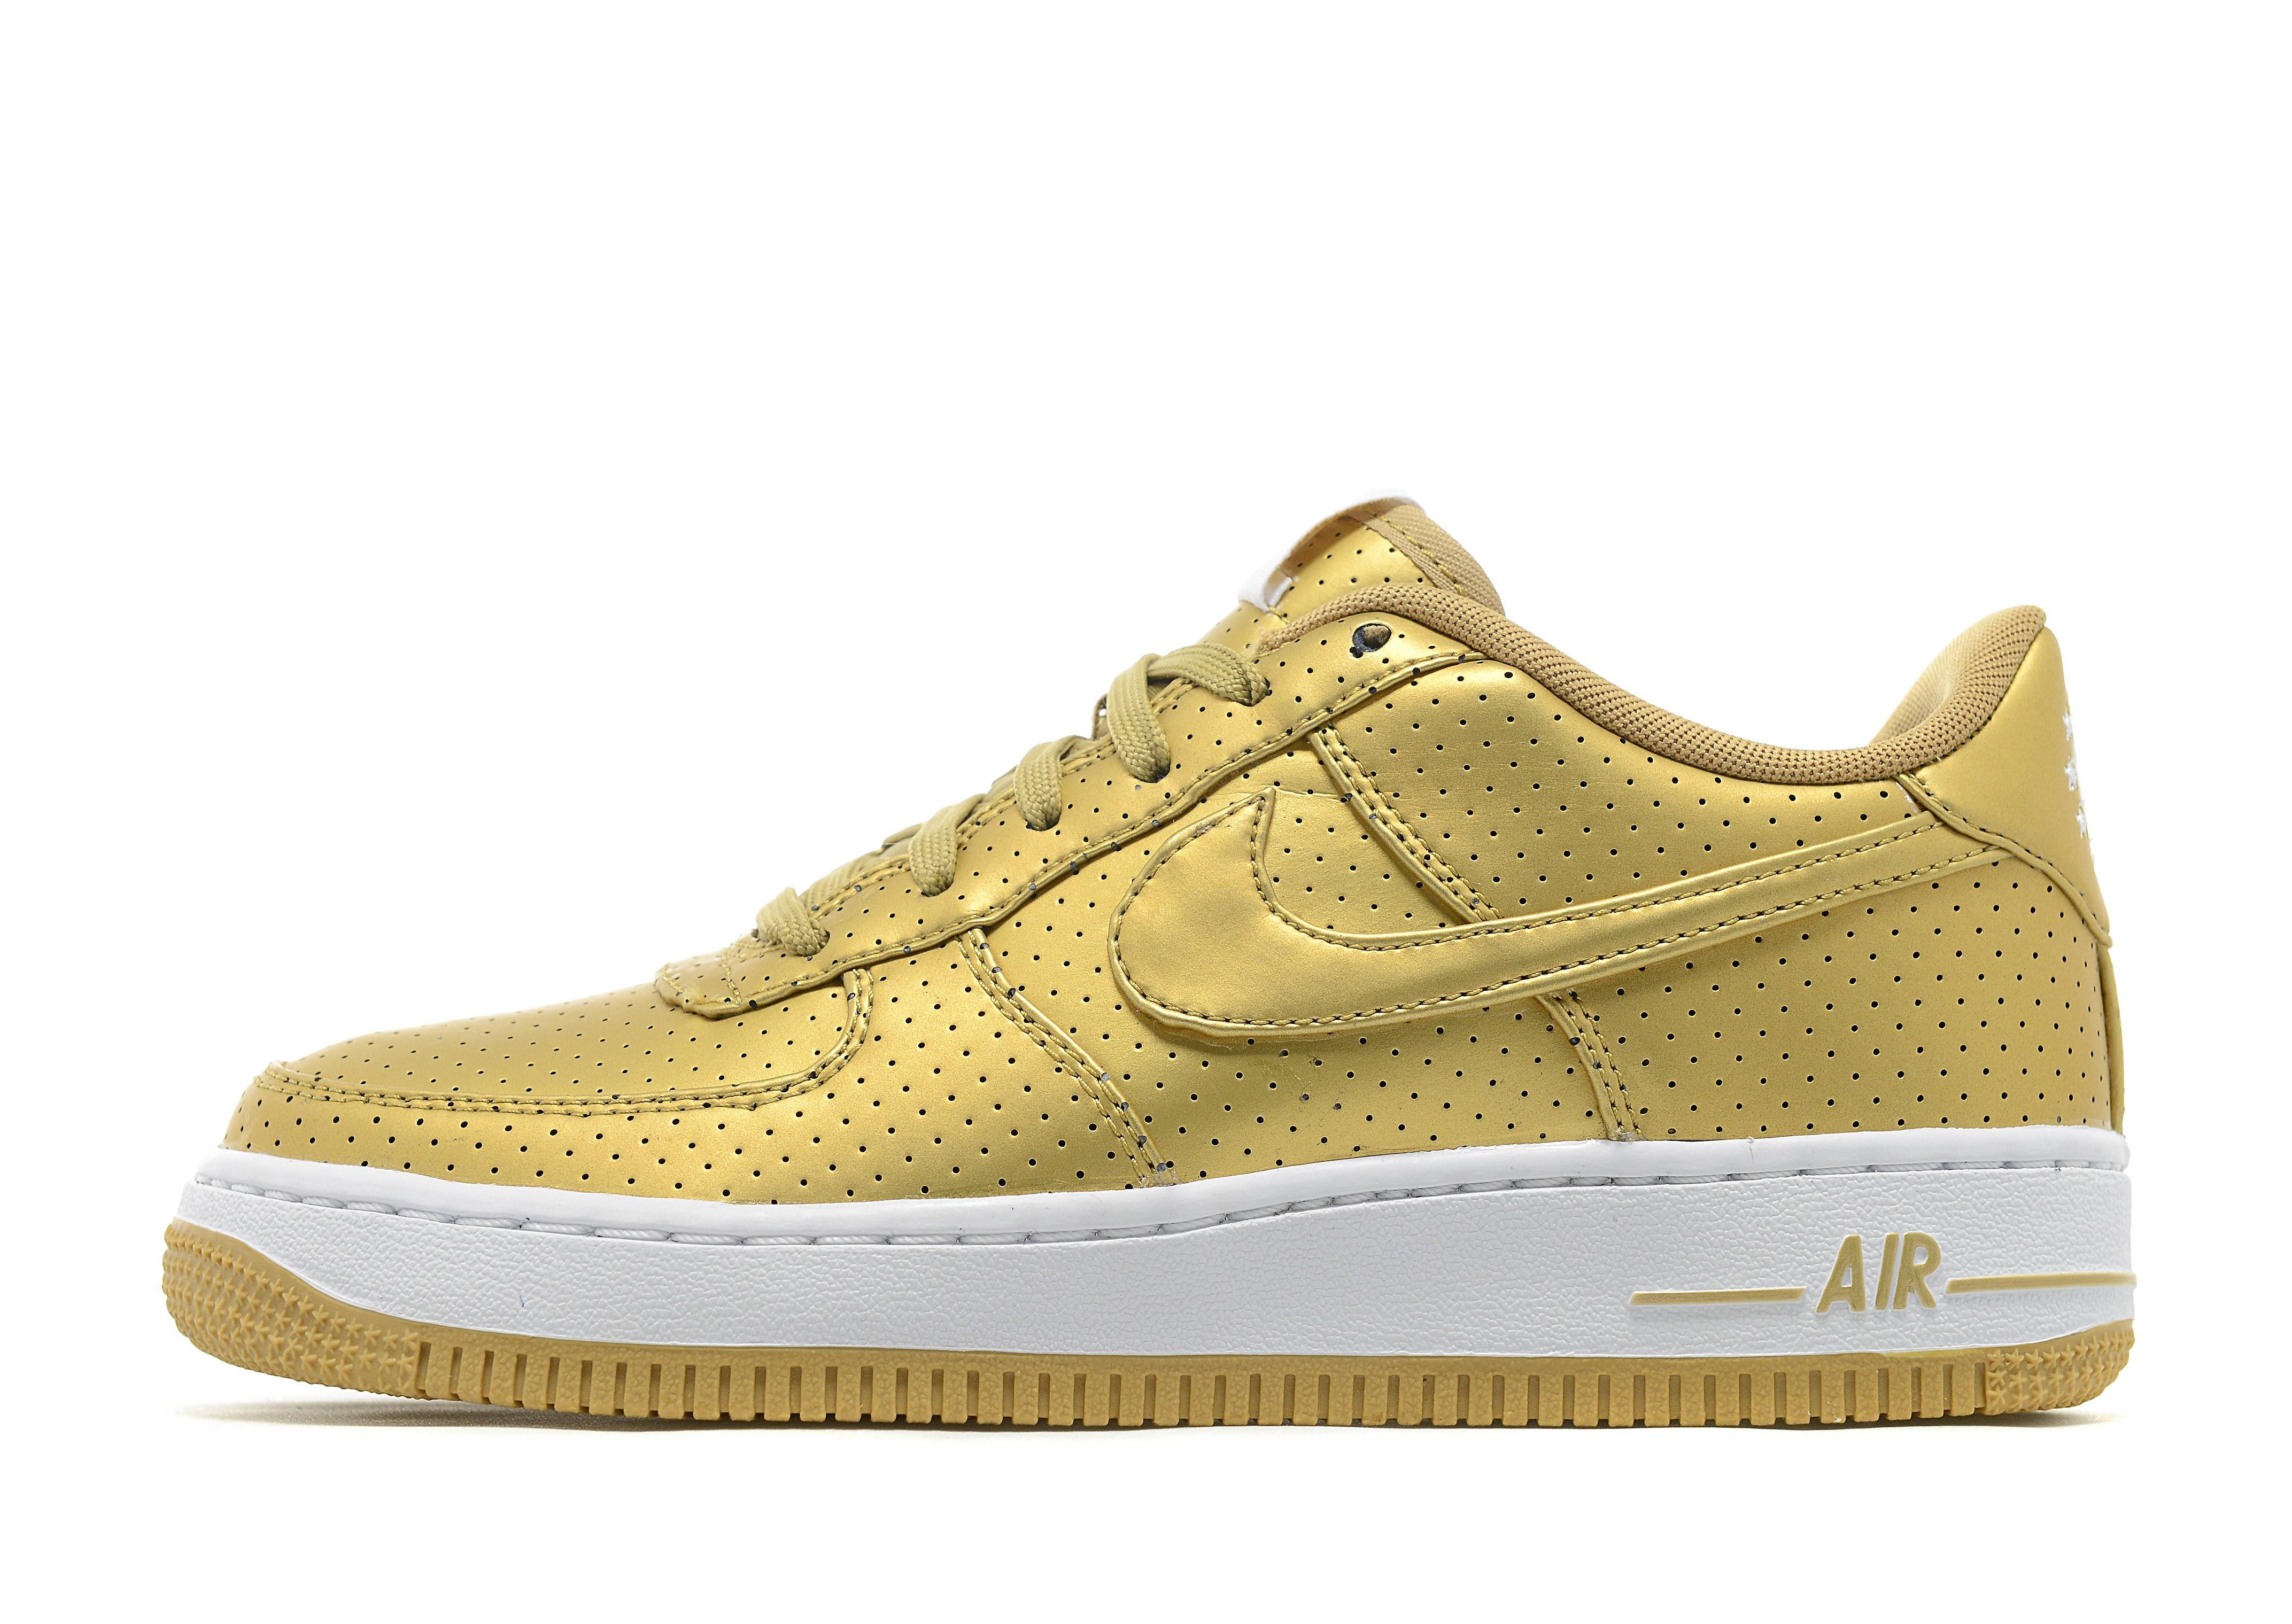 Nike Air Force 1 07 LV8 Junior